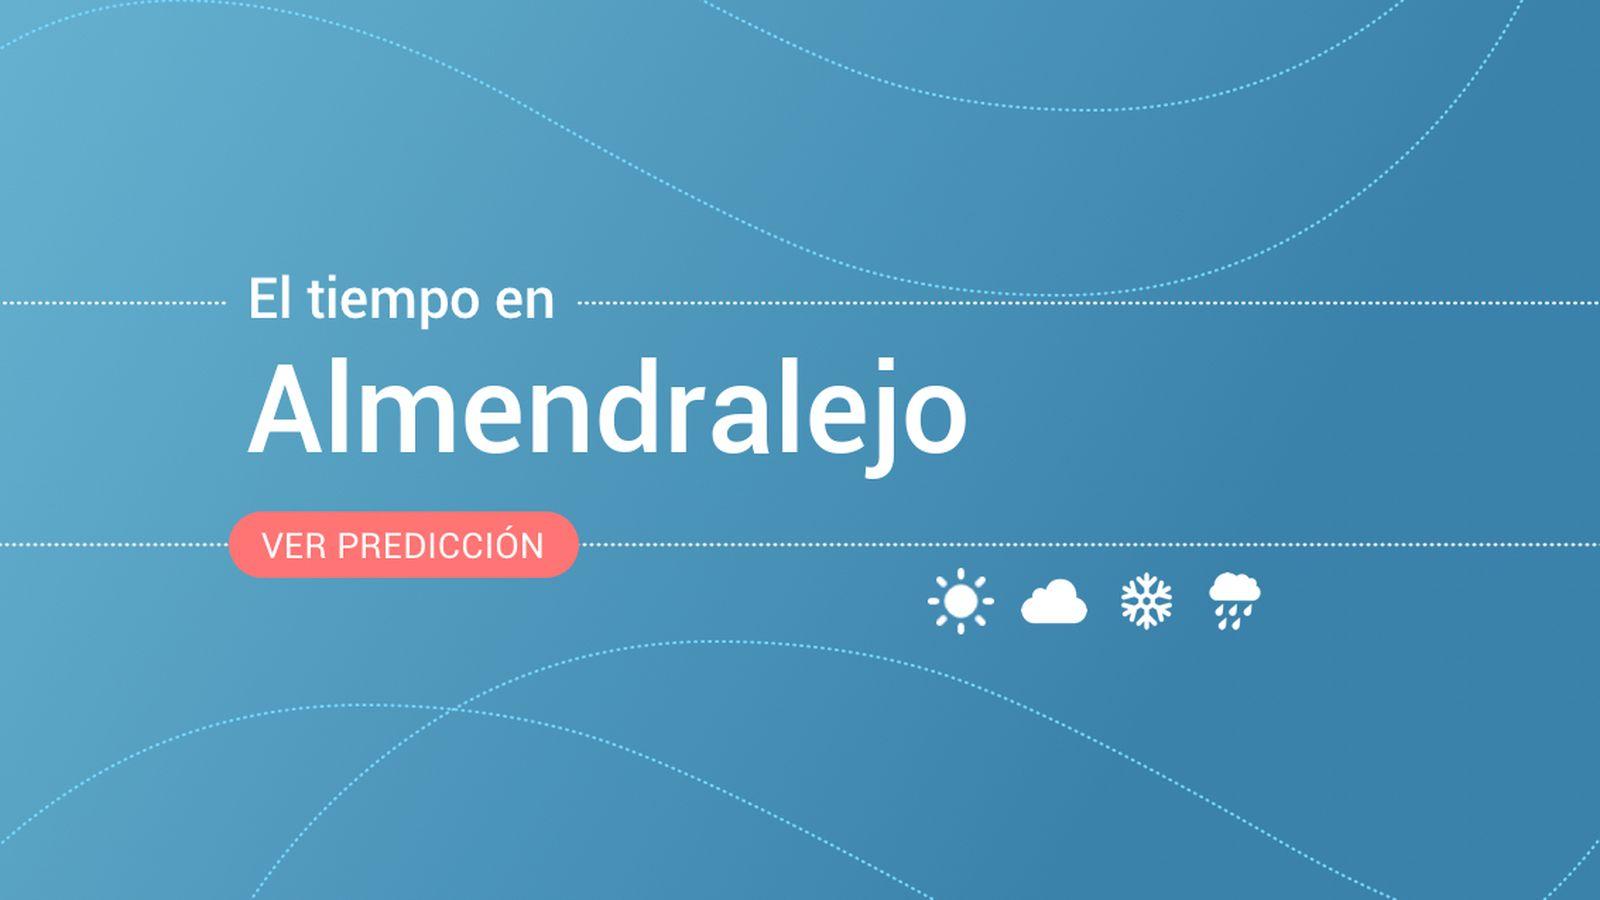 Foto: El tiempo en Almendralejo. (EC)